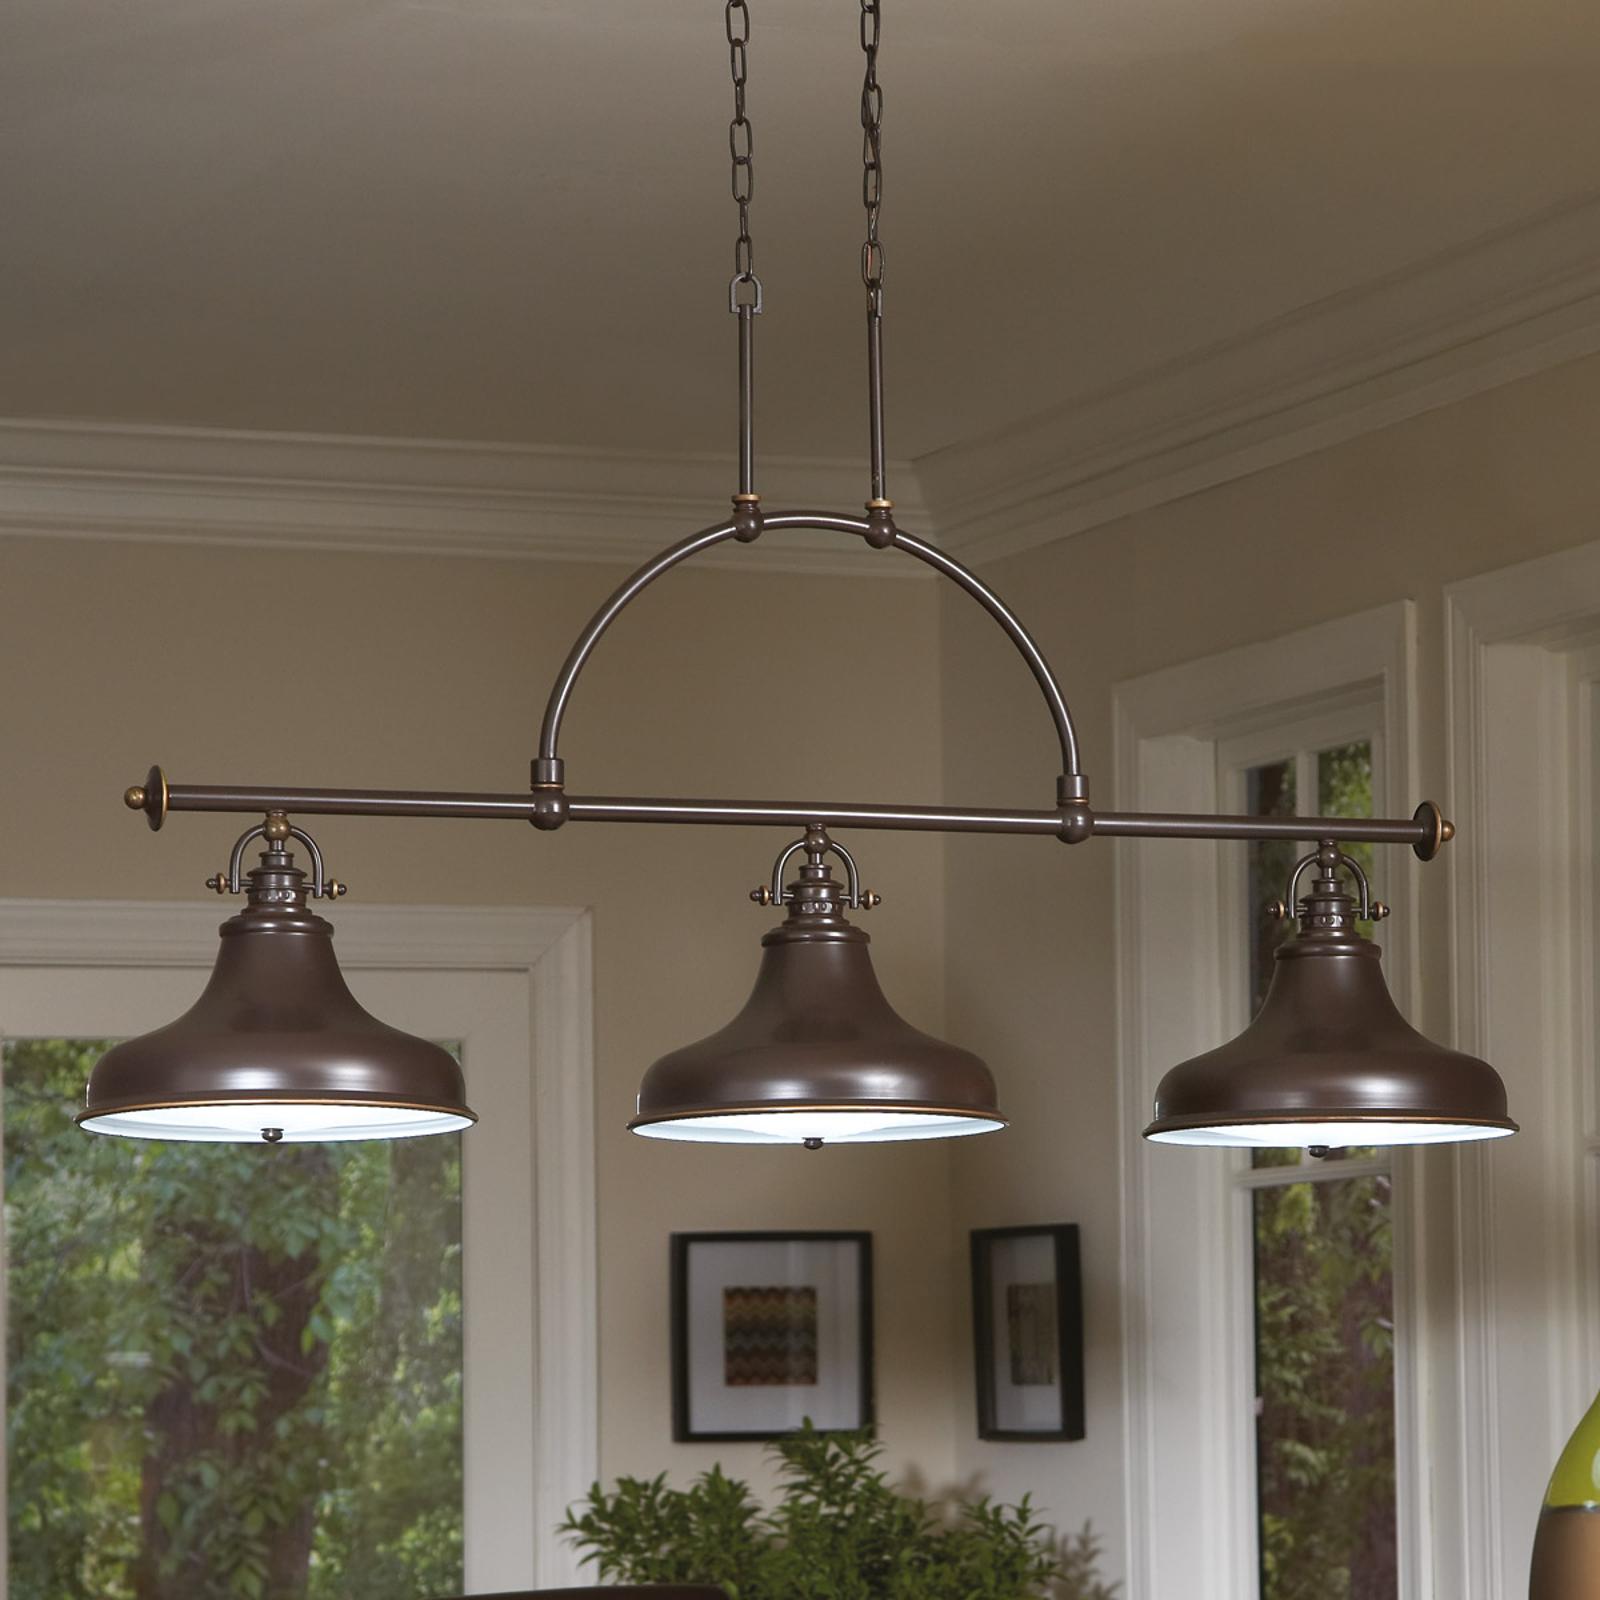 Závesná lampa Emery, priemyselný štýl, bronz 3-pl._3048324_1